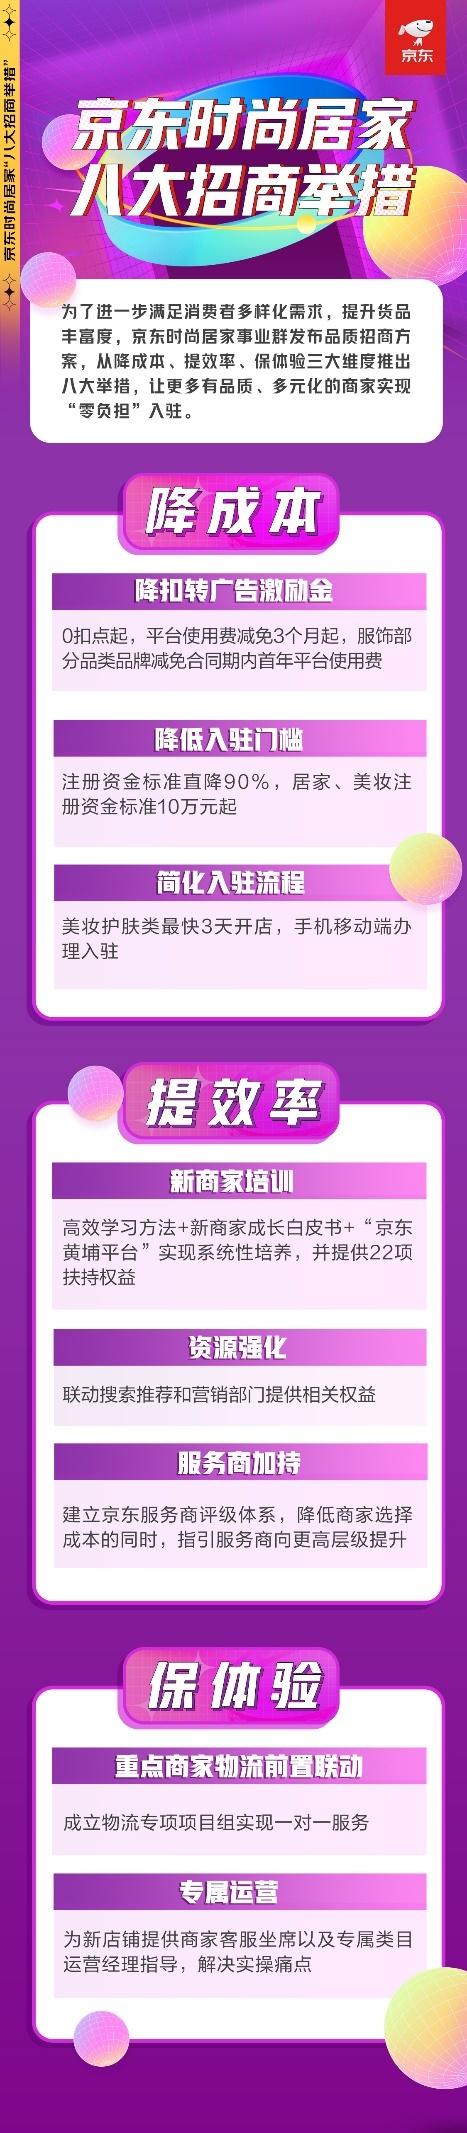 """京东11.11多举措助商家""""双降双提"""" 时尚居家搭建入驻快车道"""